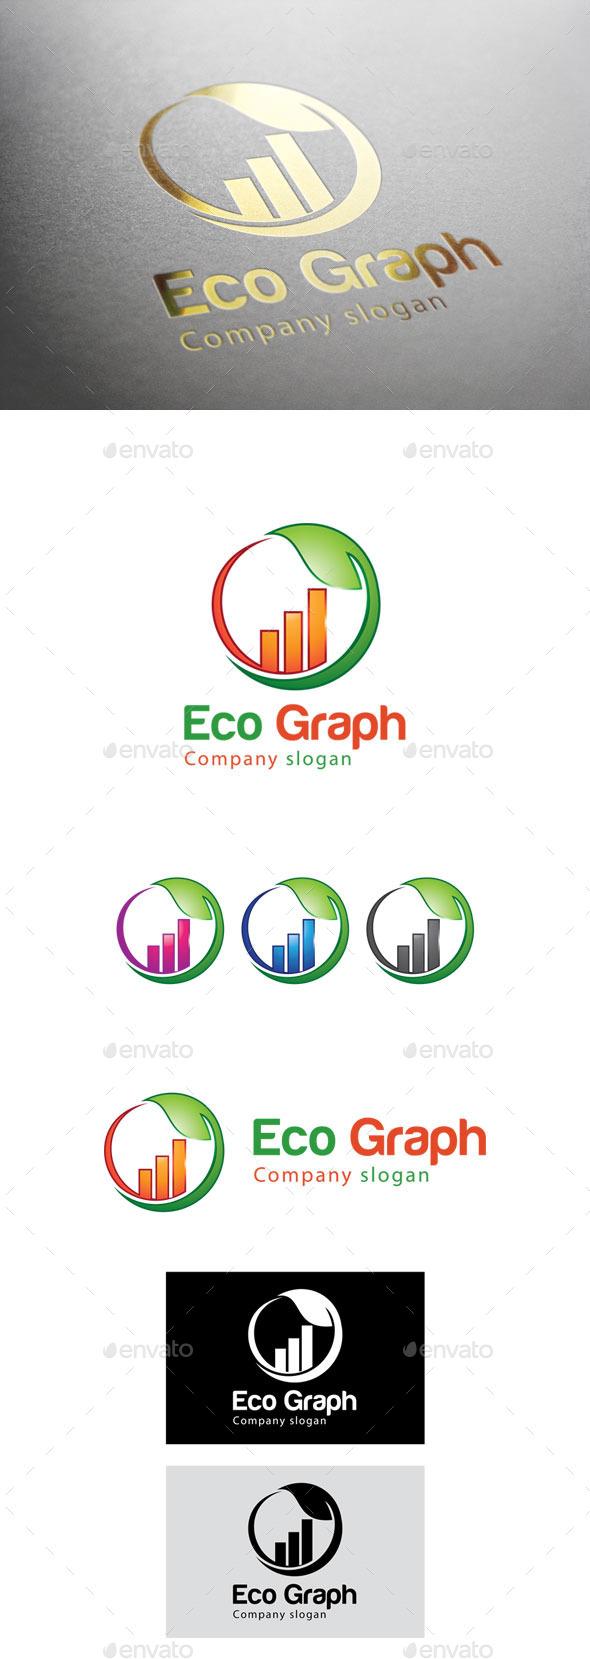 GraphicRiver Eco Graph Logo 9299009